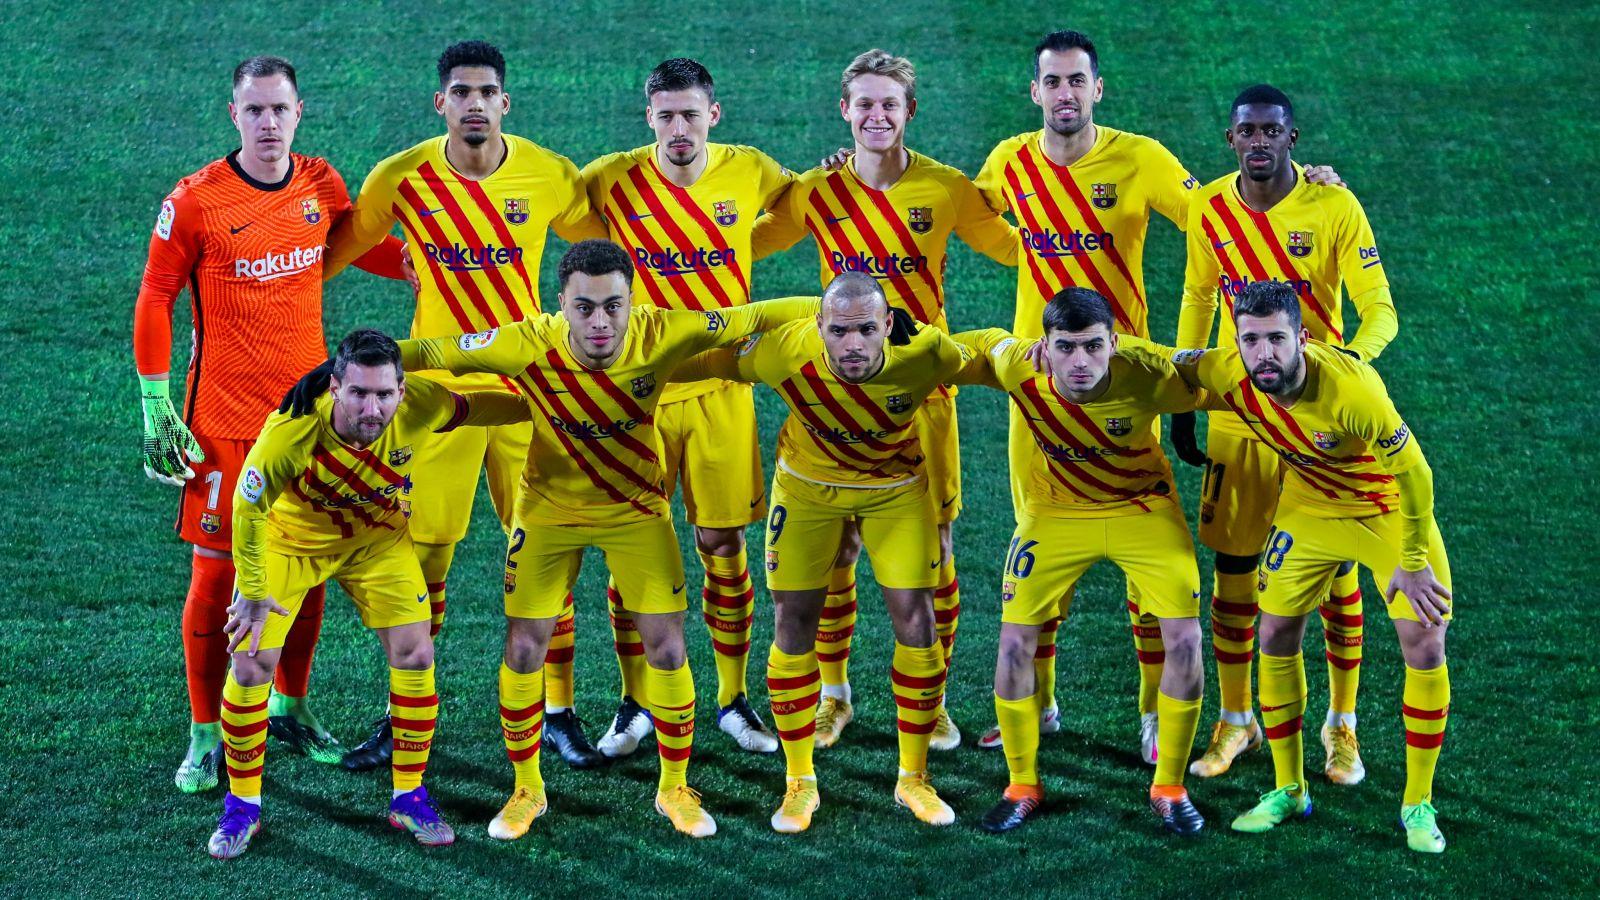 Skuad Barcelona saat bertandang ke kandang Huesca. (foto: twitter.com/FCBarcelona)